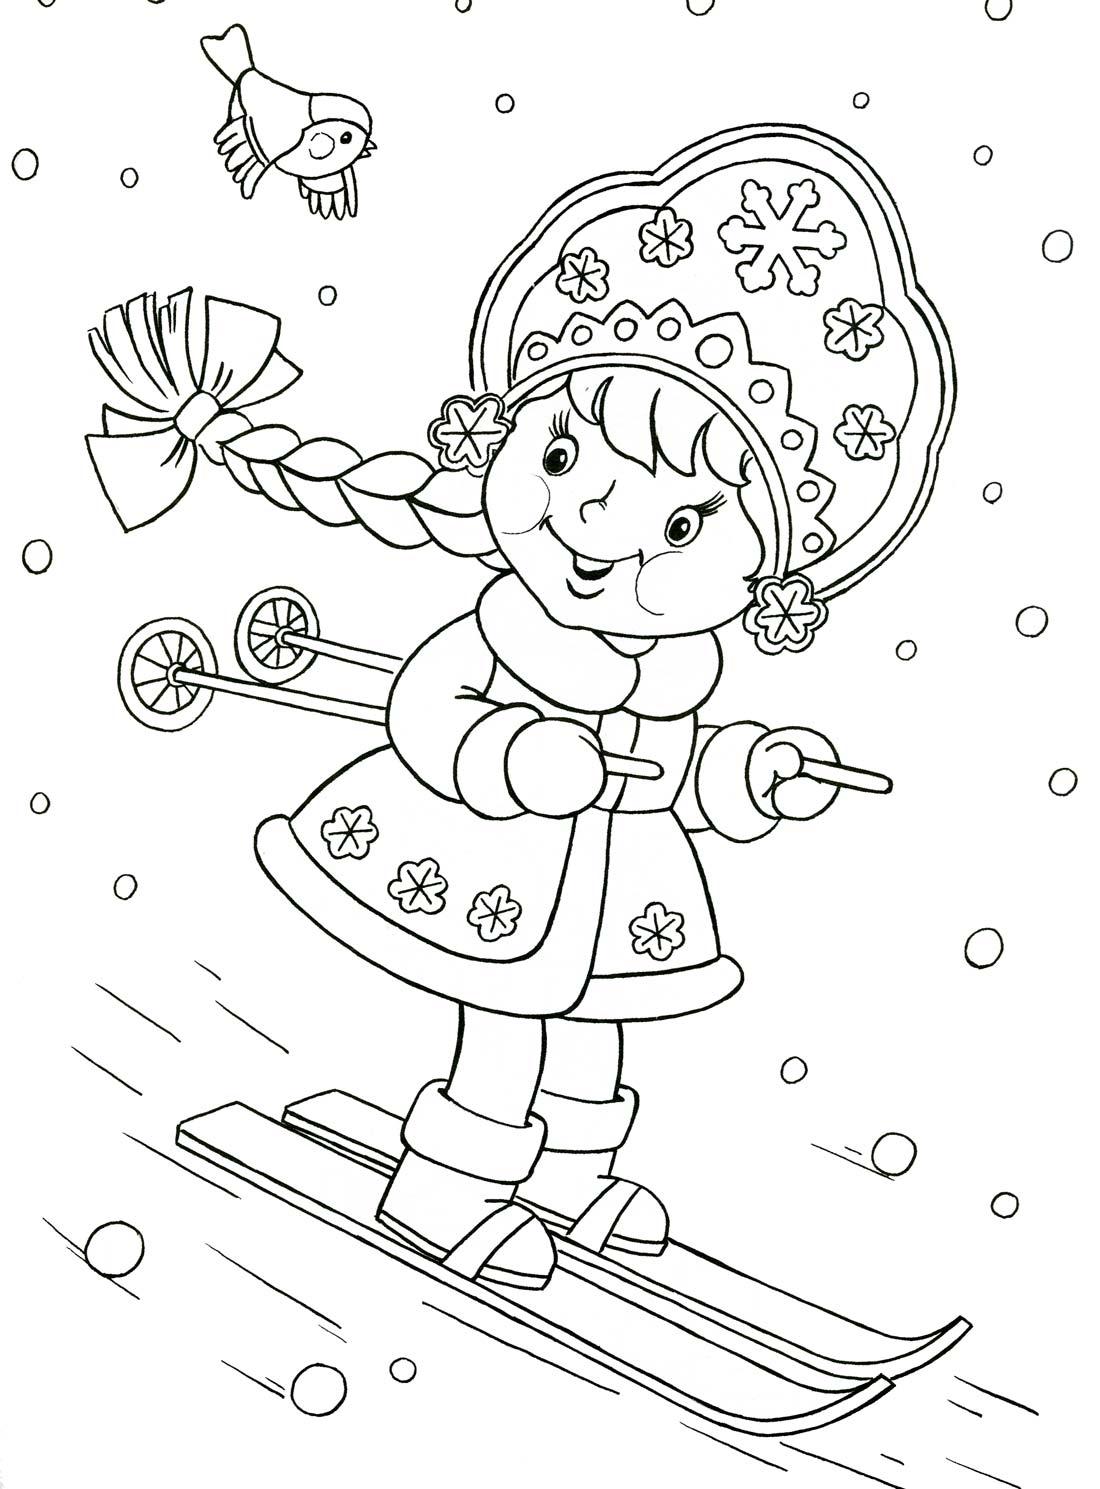 Снегурочка на лыжах Раскраски зима скачать бесплатно